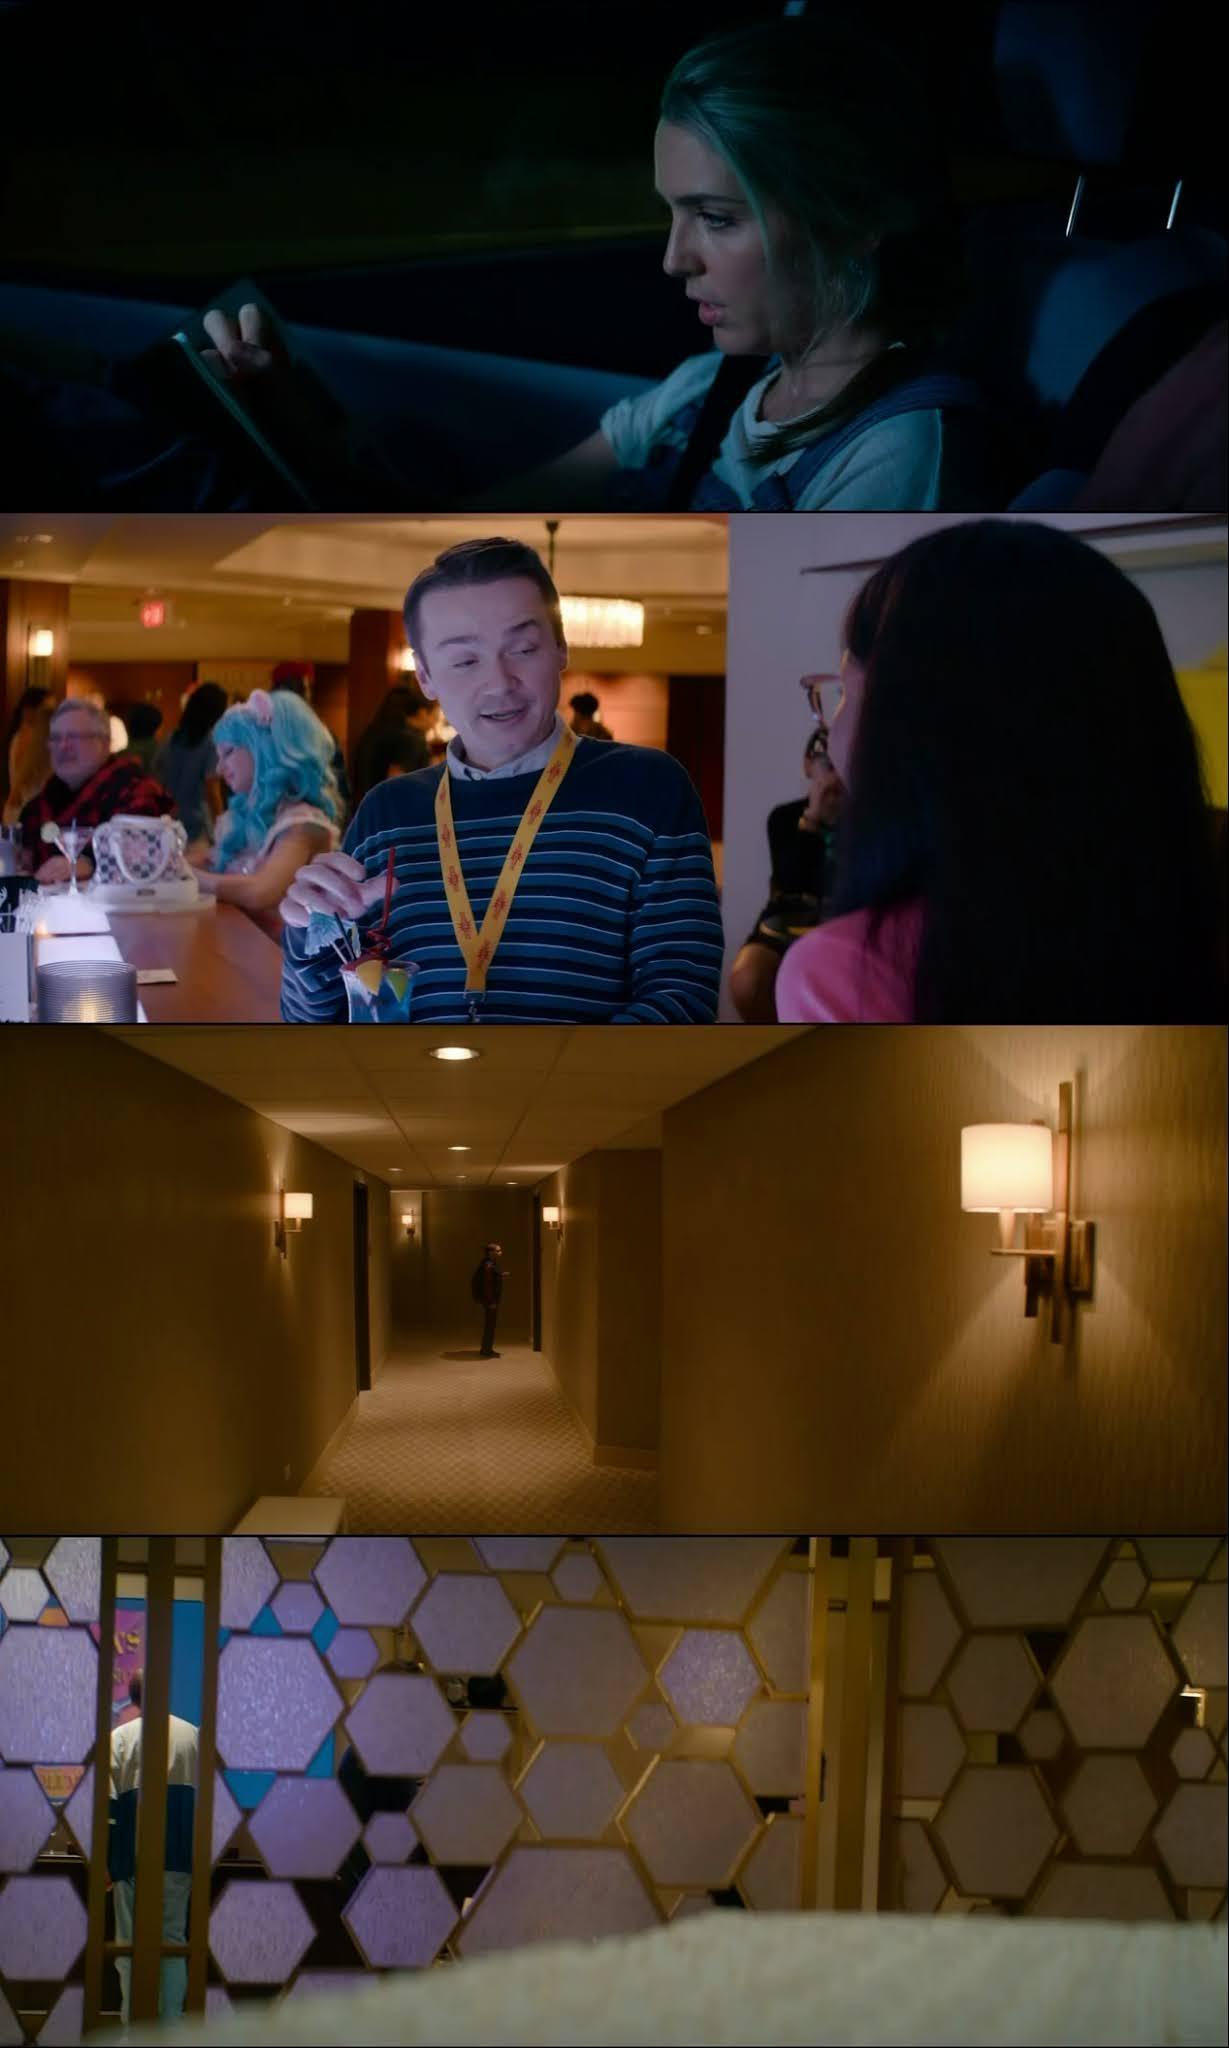 Utopia Temporada 1 Completa HD 720p Latino (2020)